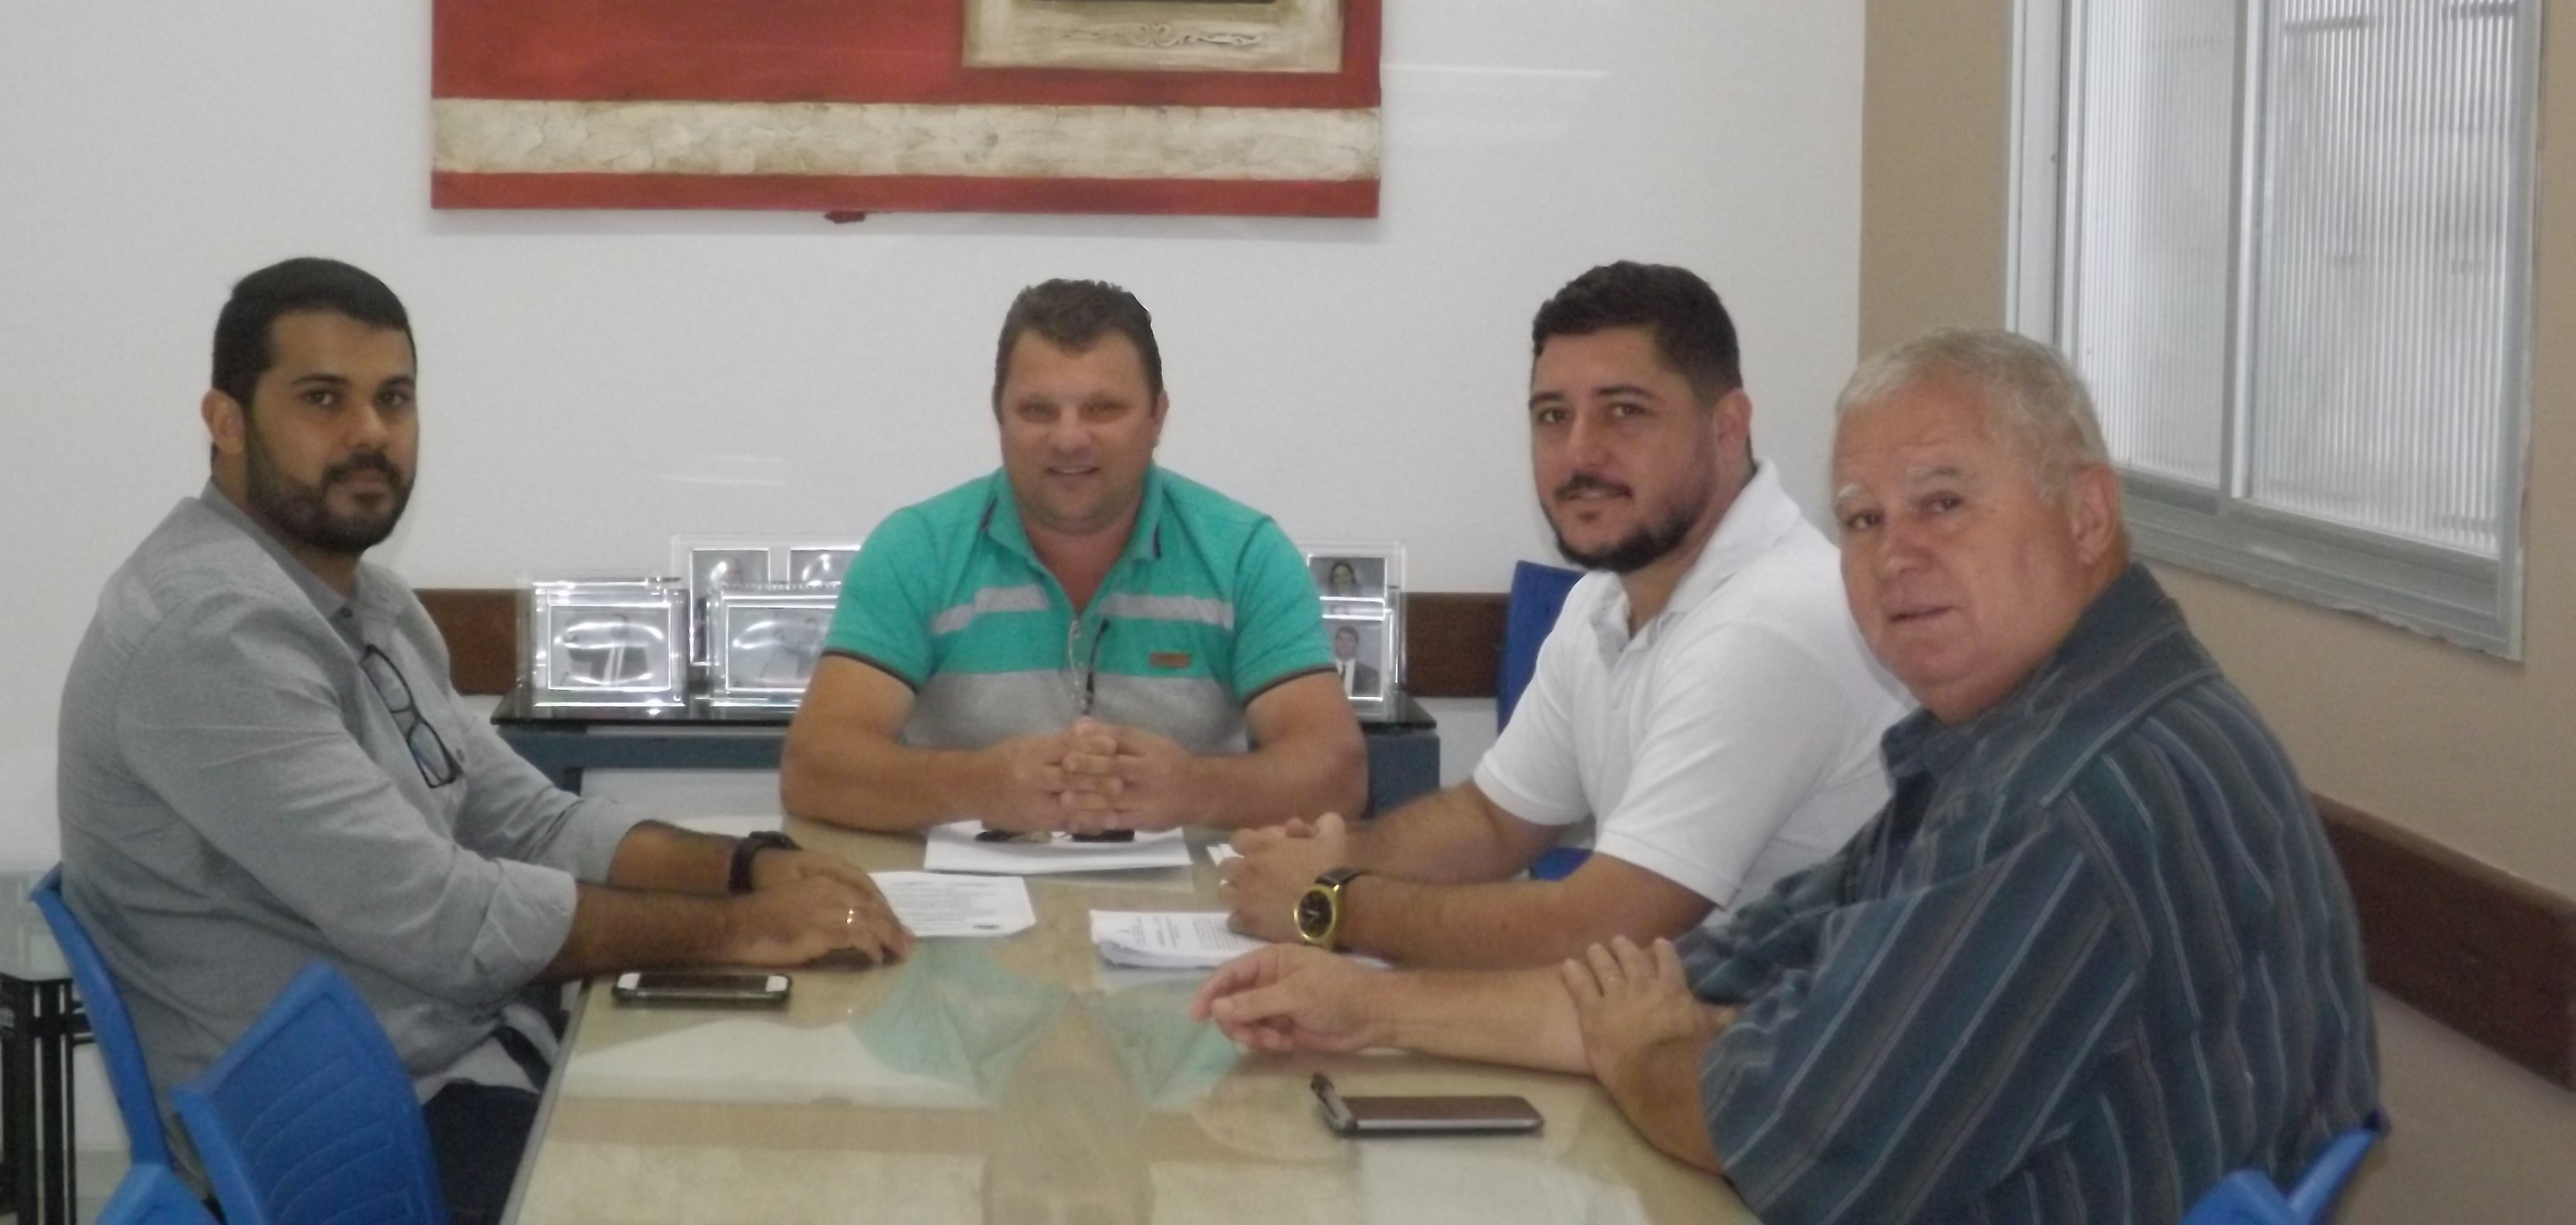 Comissão de Obras investiga uso indevido de máquinas do município e recebe esclarecimentos do secretário